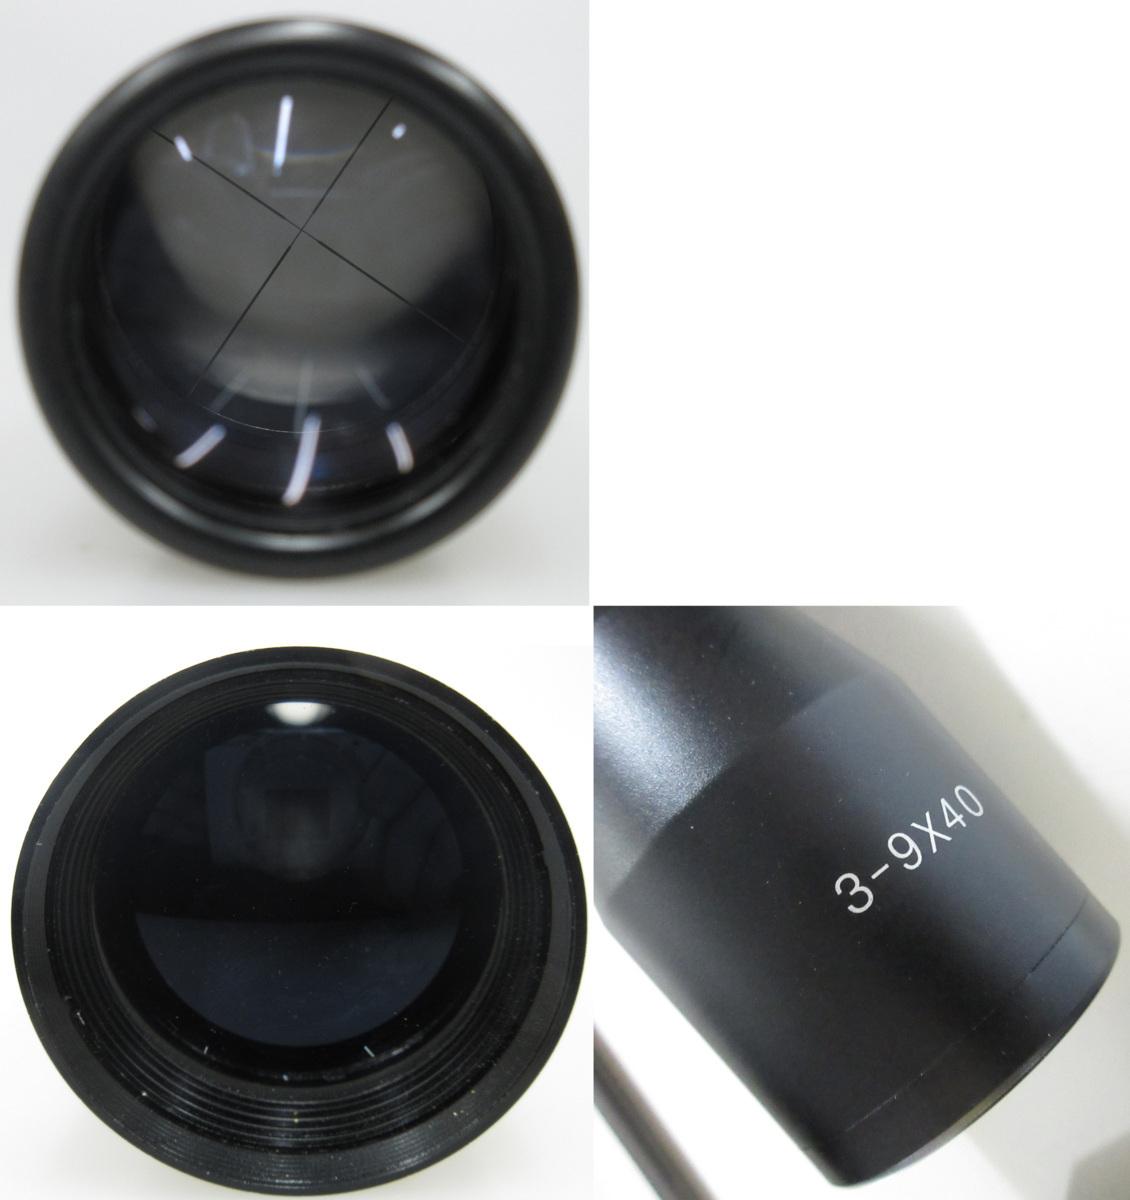 【中古】 TOKYO MARUI 東京マルイ L96 AWS ブラックストック ボルトアクションエアーライフル スコープ ハイポッド付き【動作確認済み】,_画像8